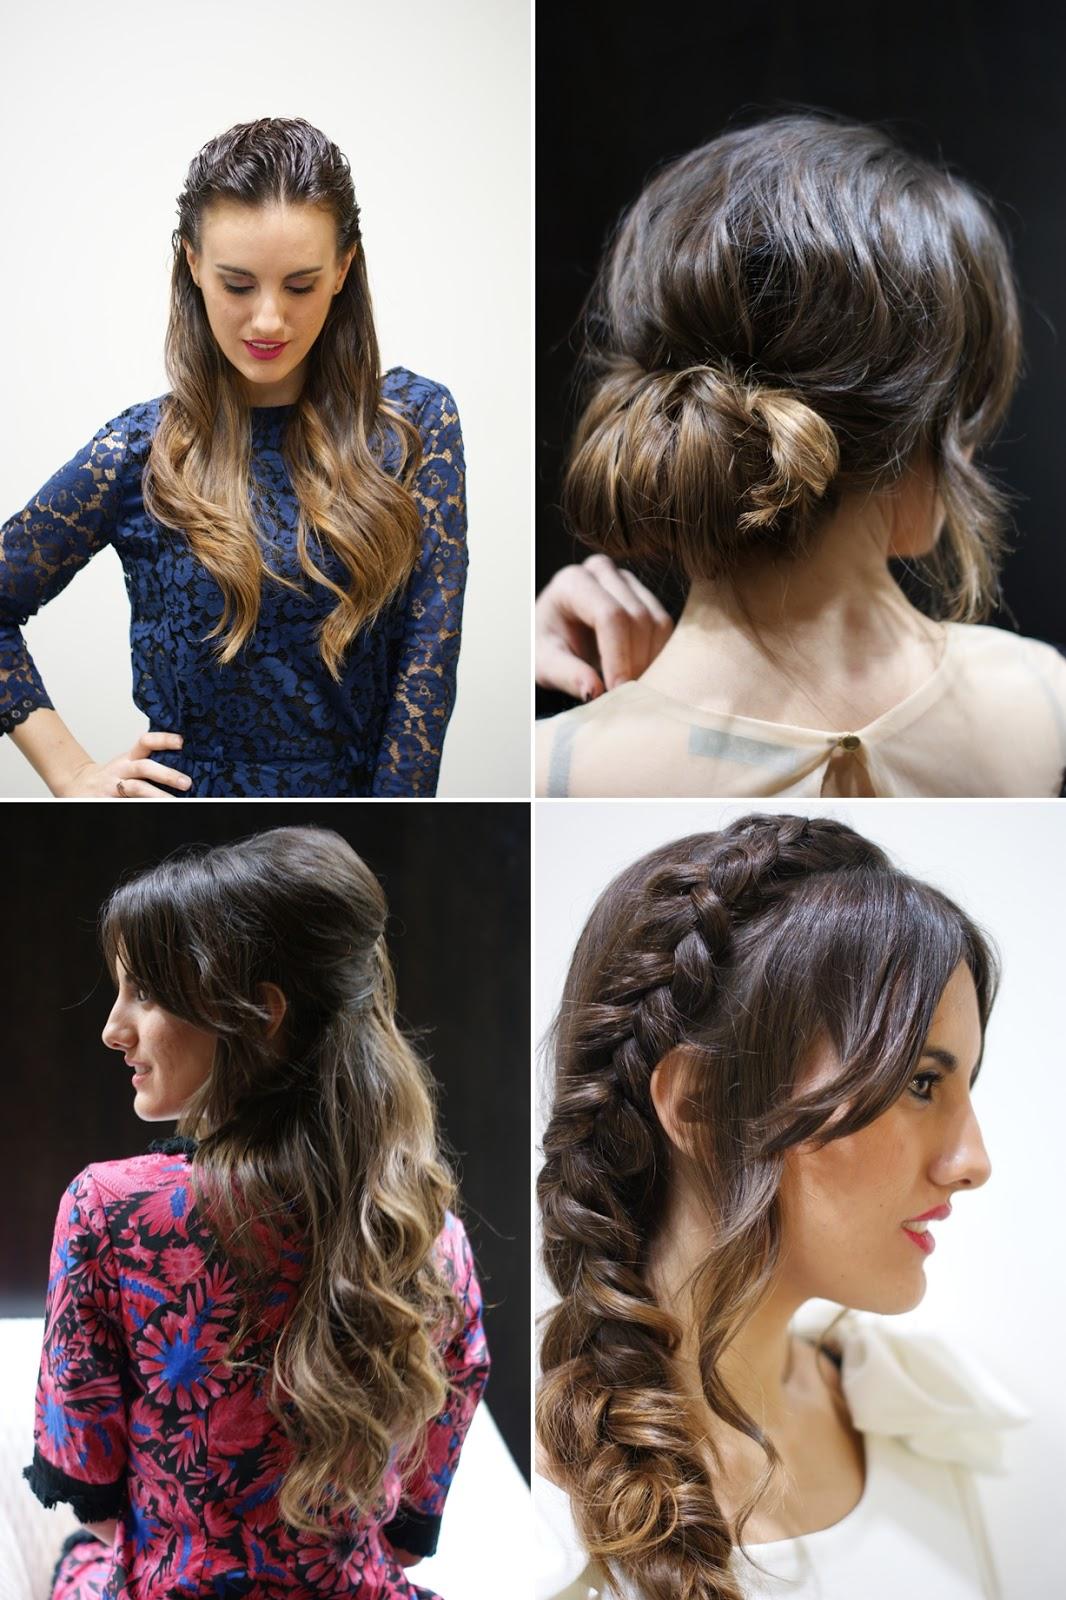 Peinados Ultima Tendencia - Pelo Peinados cortes y cuidados recogidos y cosmética Telva